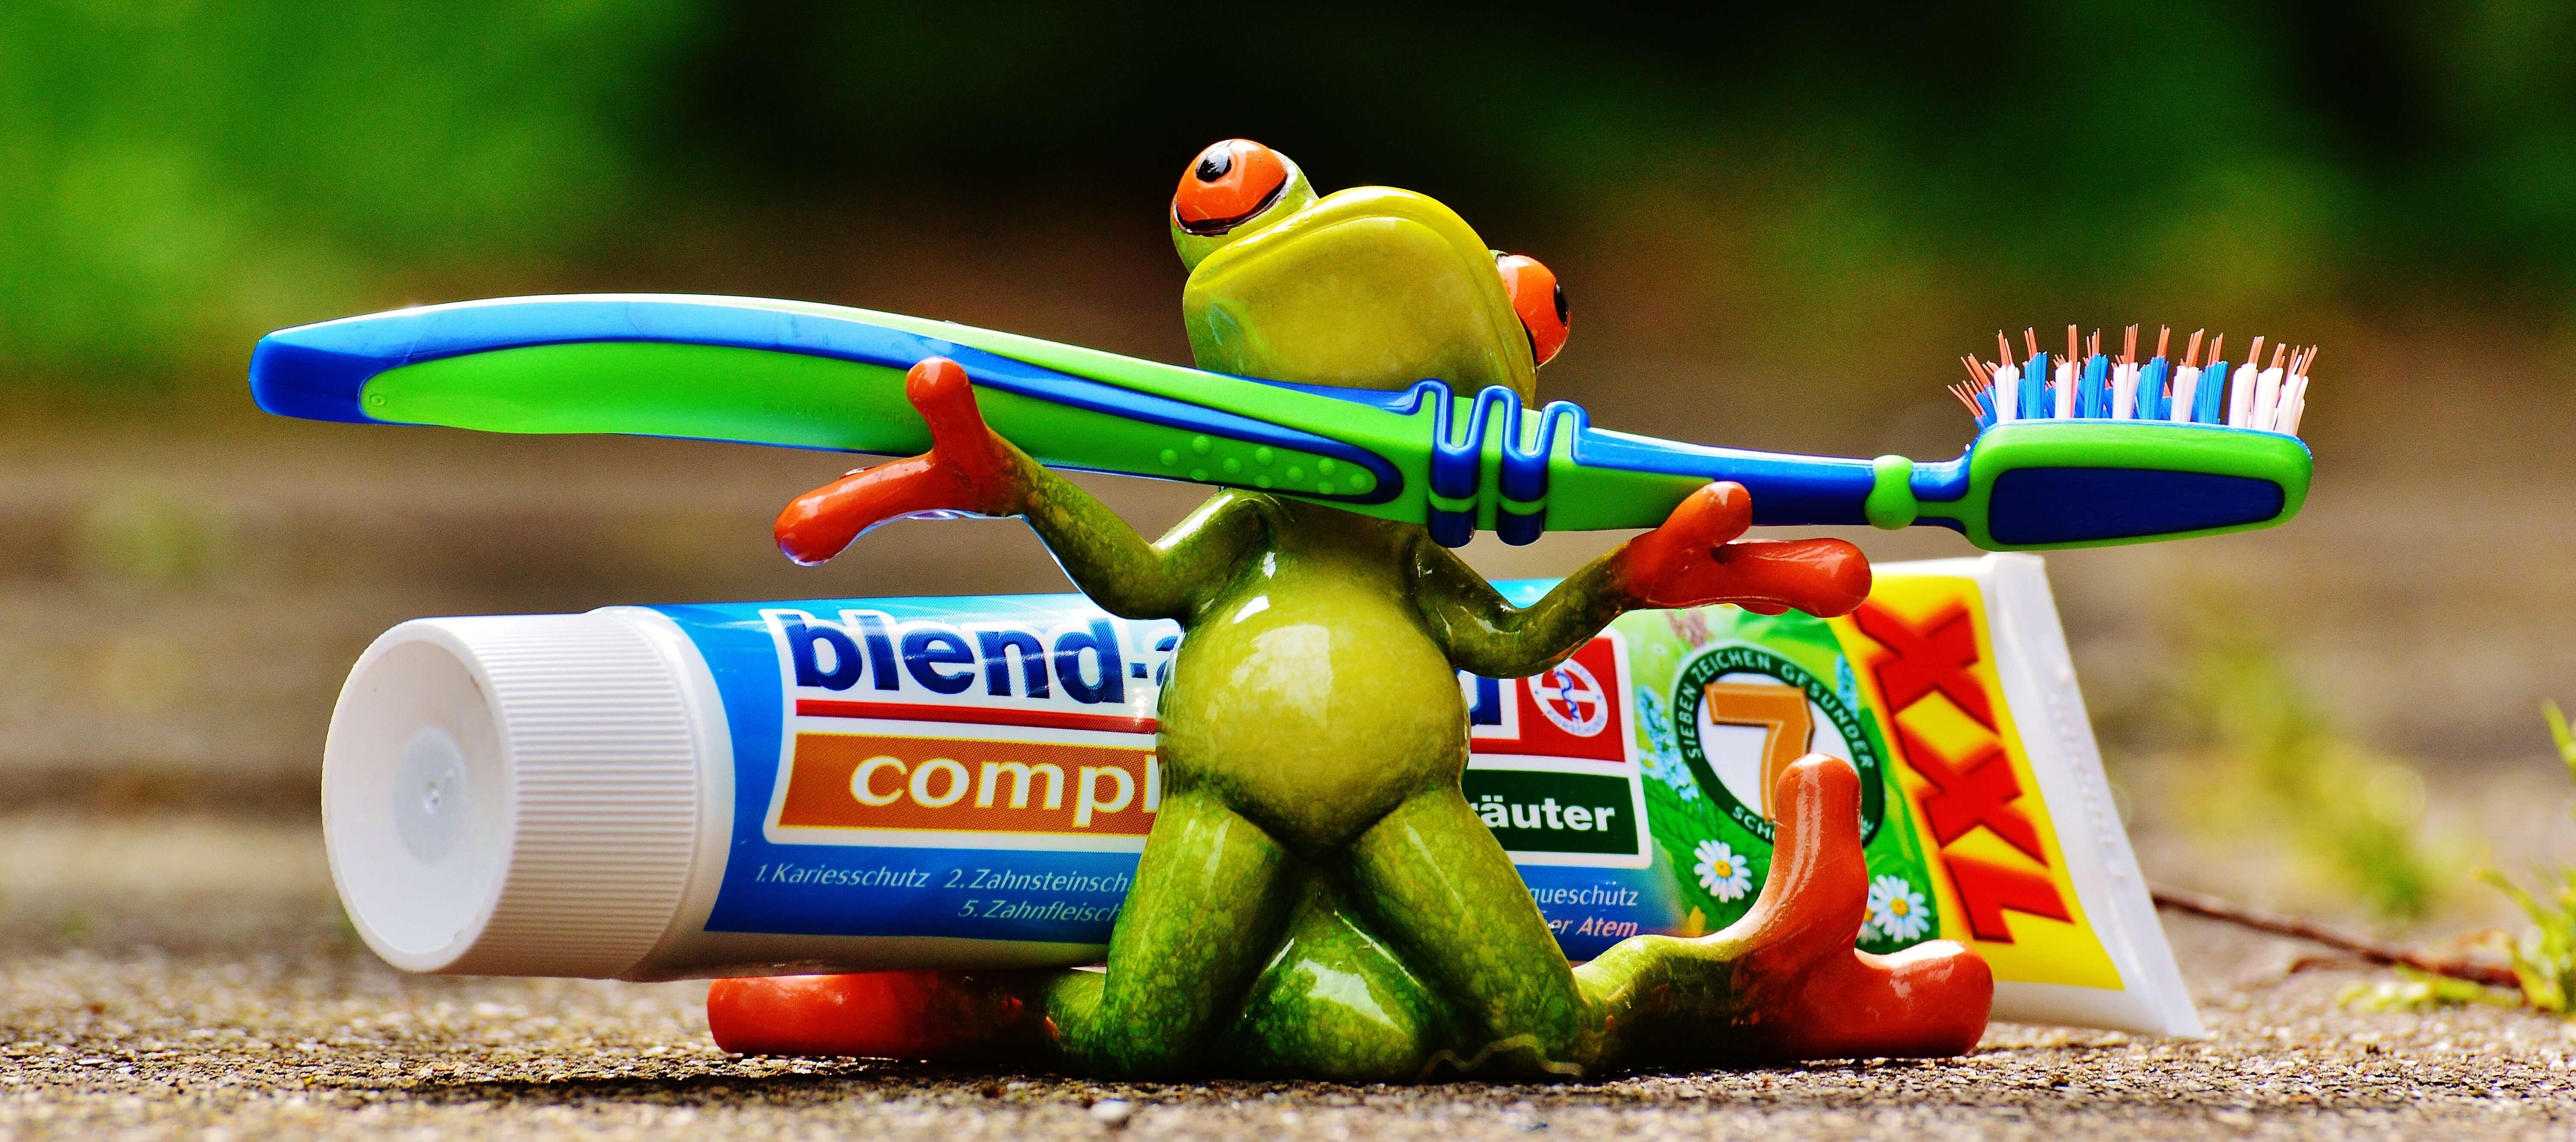 歯磨きに挑戦する蛙